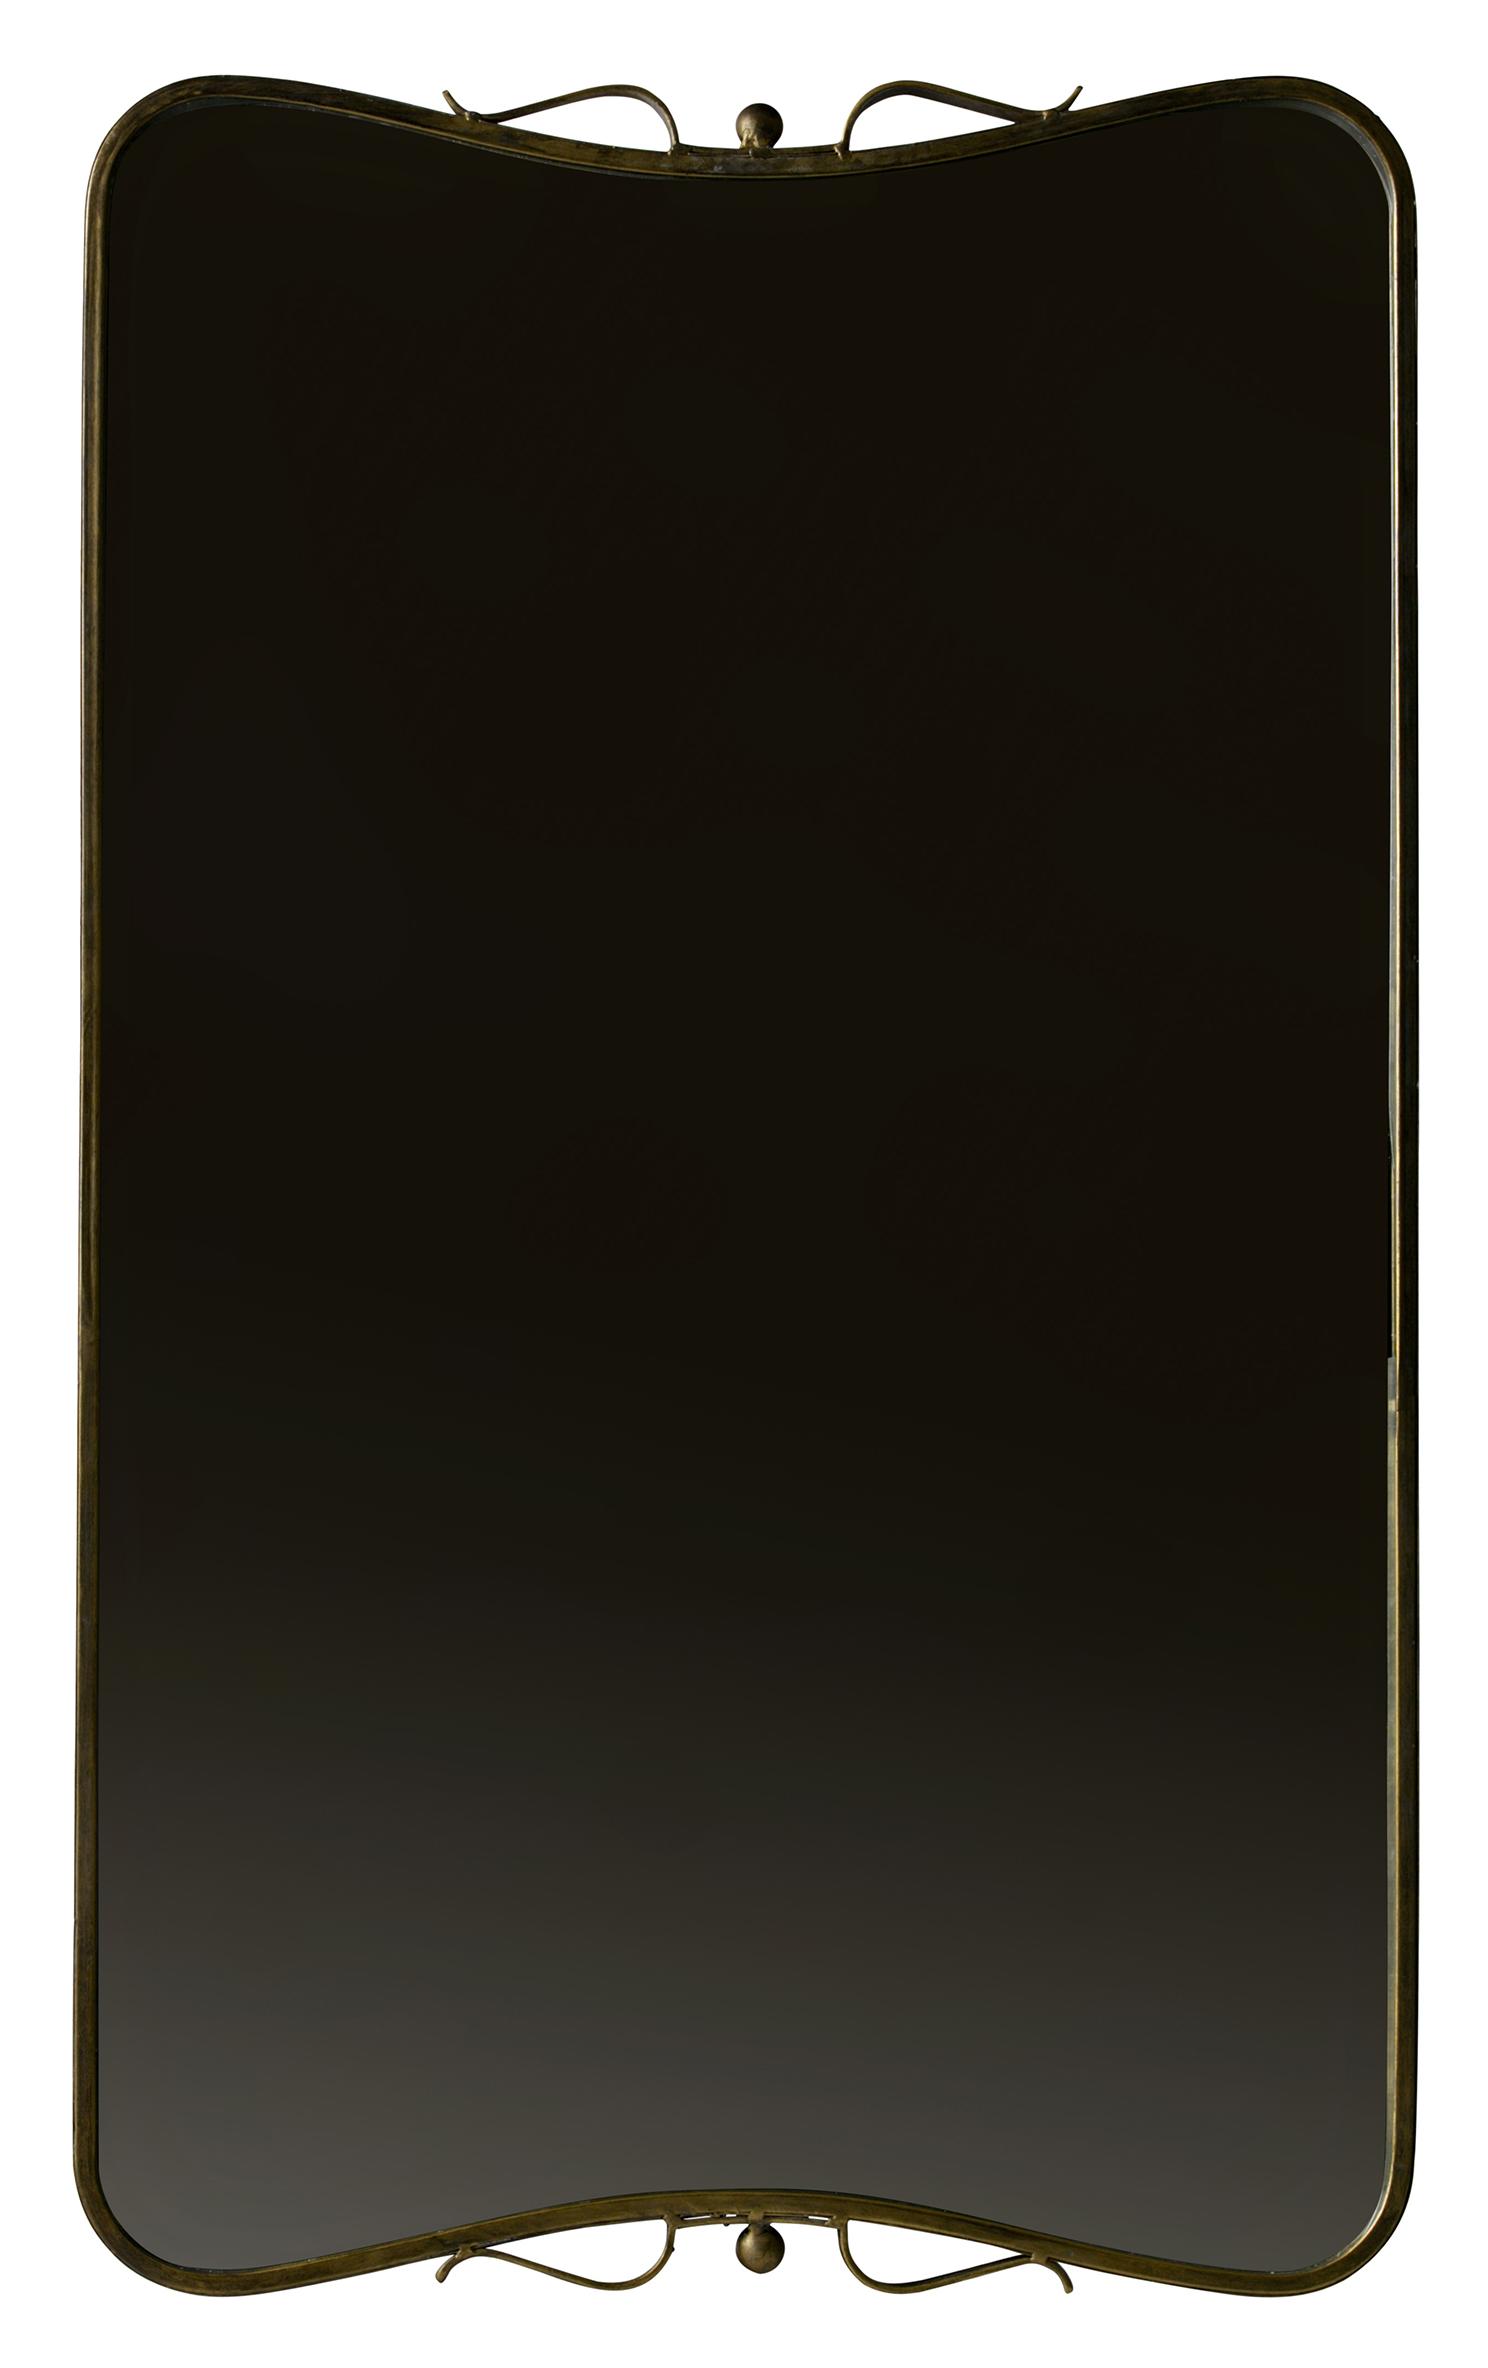 BePureHome Spiegel 'Double' 85,5 x 51,5cm, kleur Antique Brass Woonaccessoires | Spiegels kopen